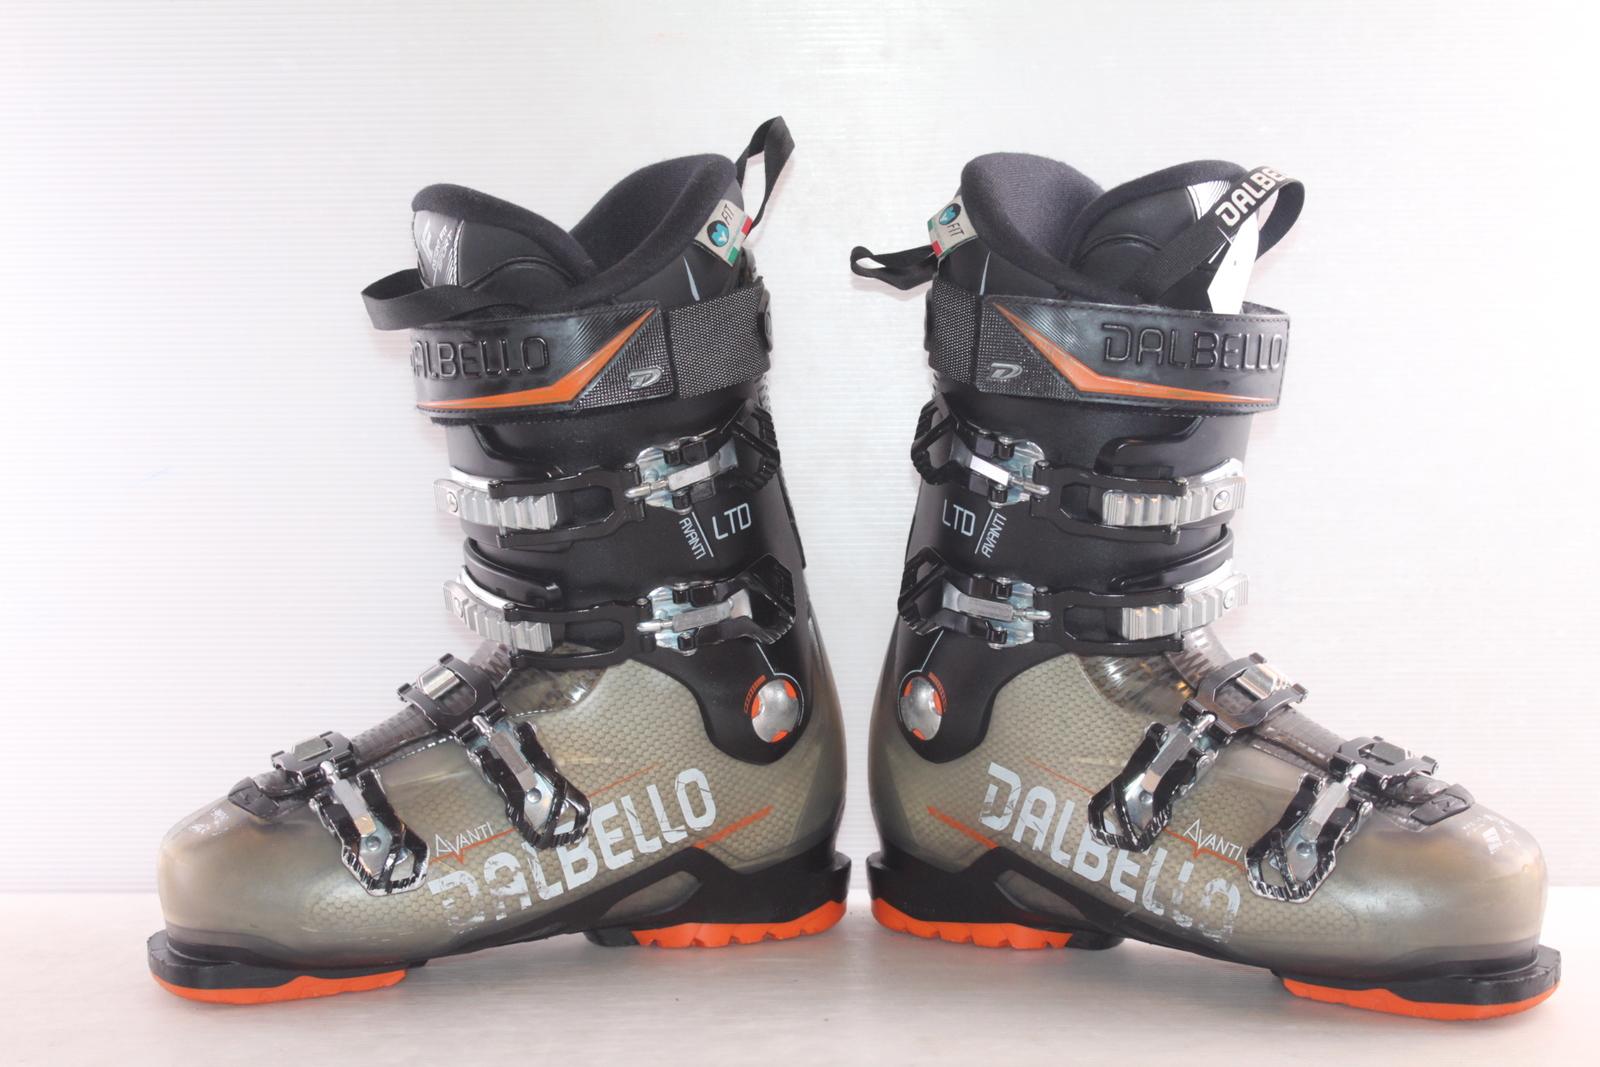 Lyžařské boty Dalbello Avanti Ltd vel. EU42.5 flexe 80